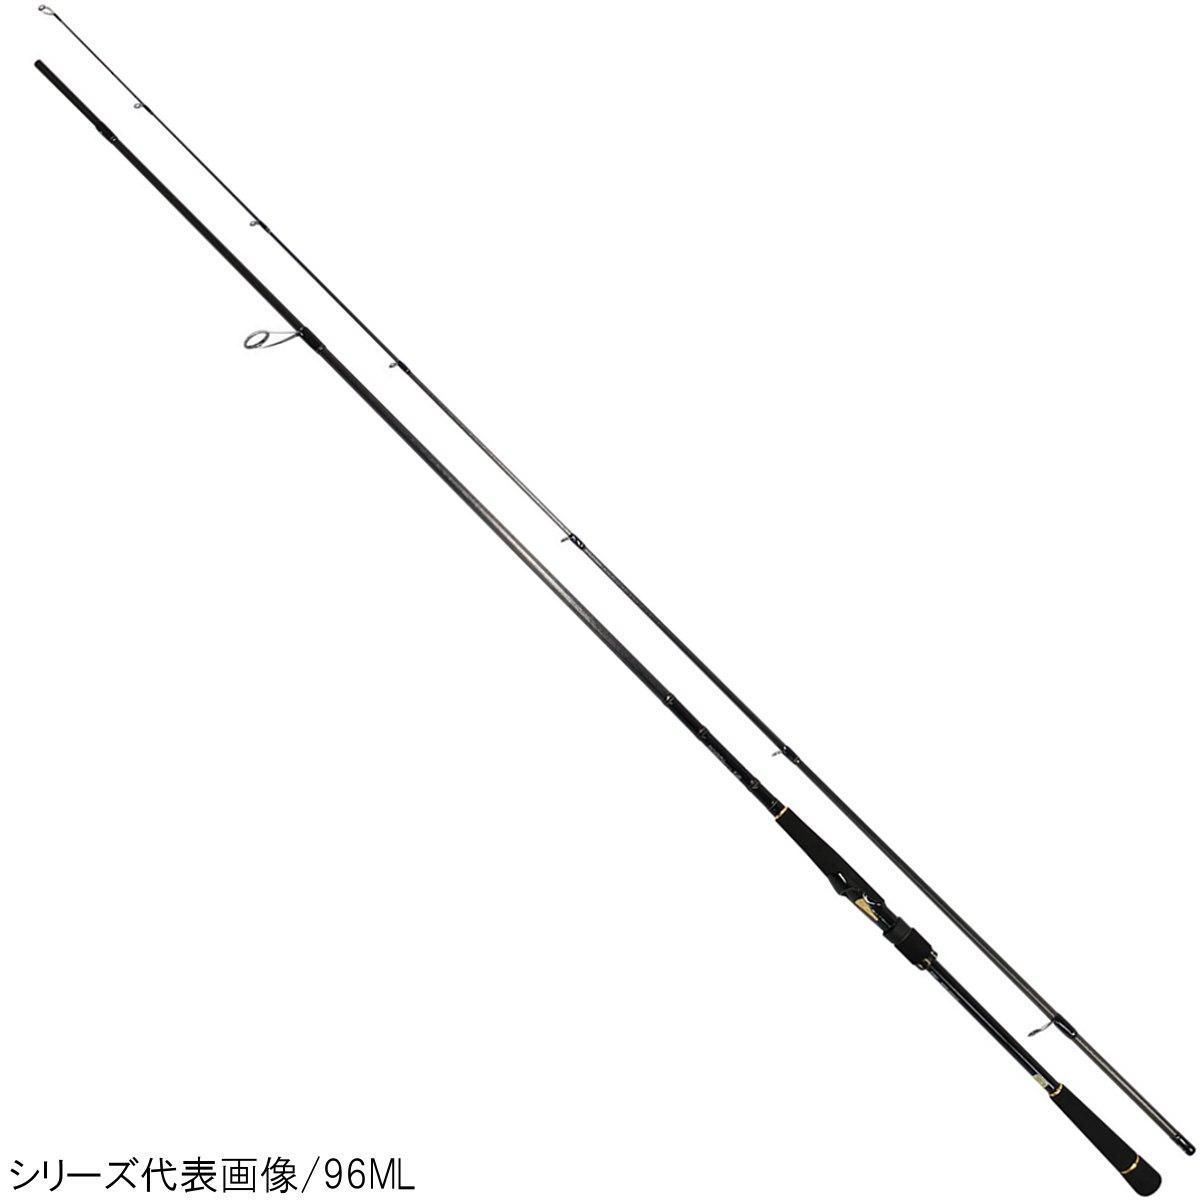 【8日最大8千円オフクーポン!】ダイワ ラテオ R 96M【大型商品】